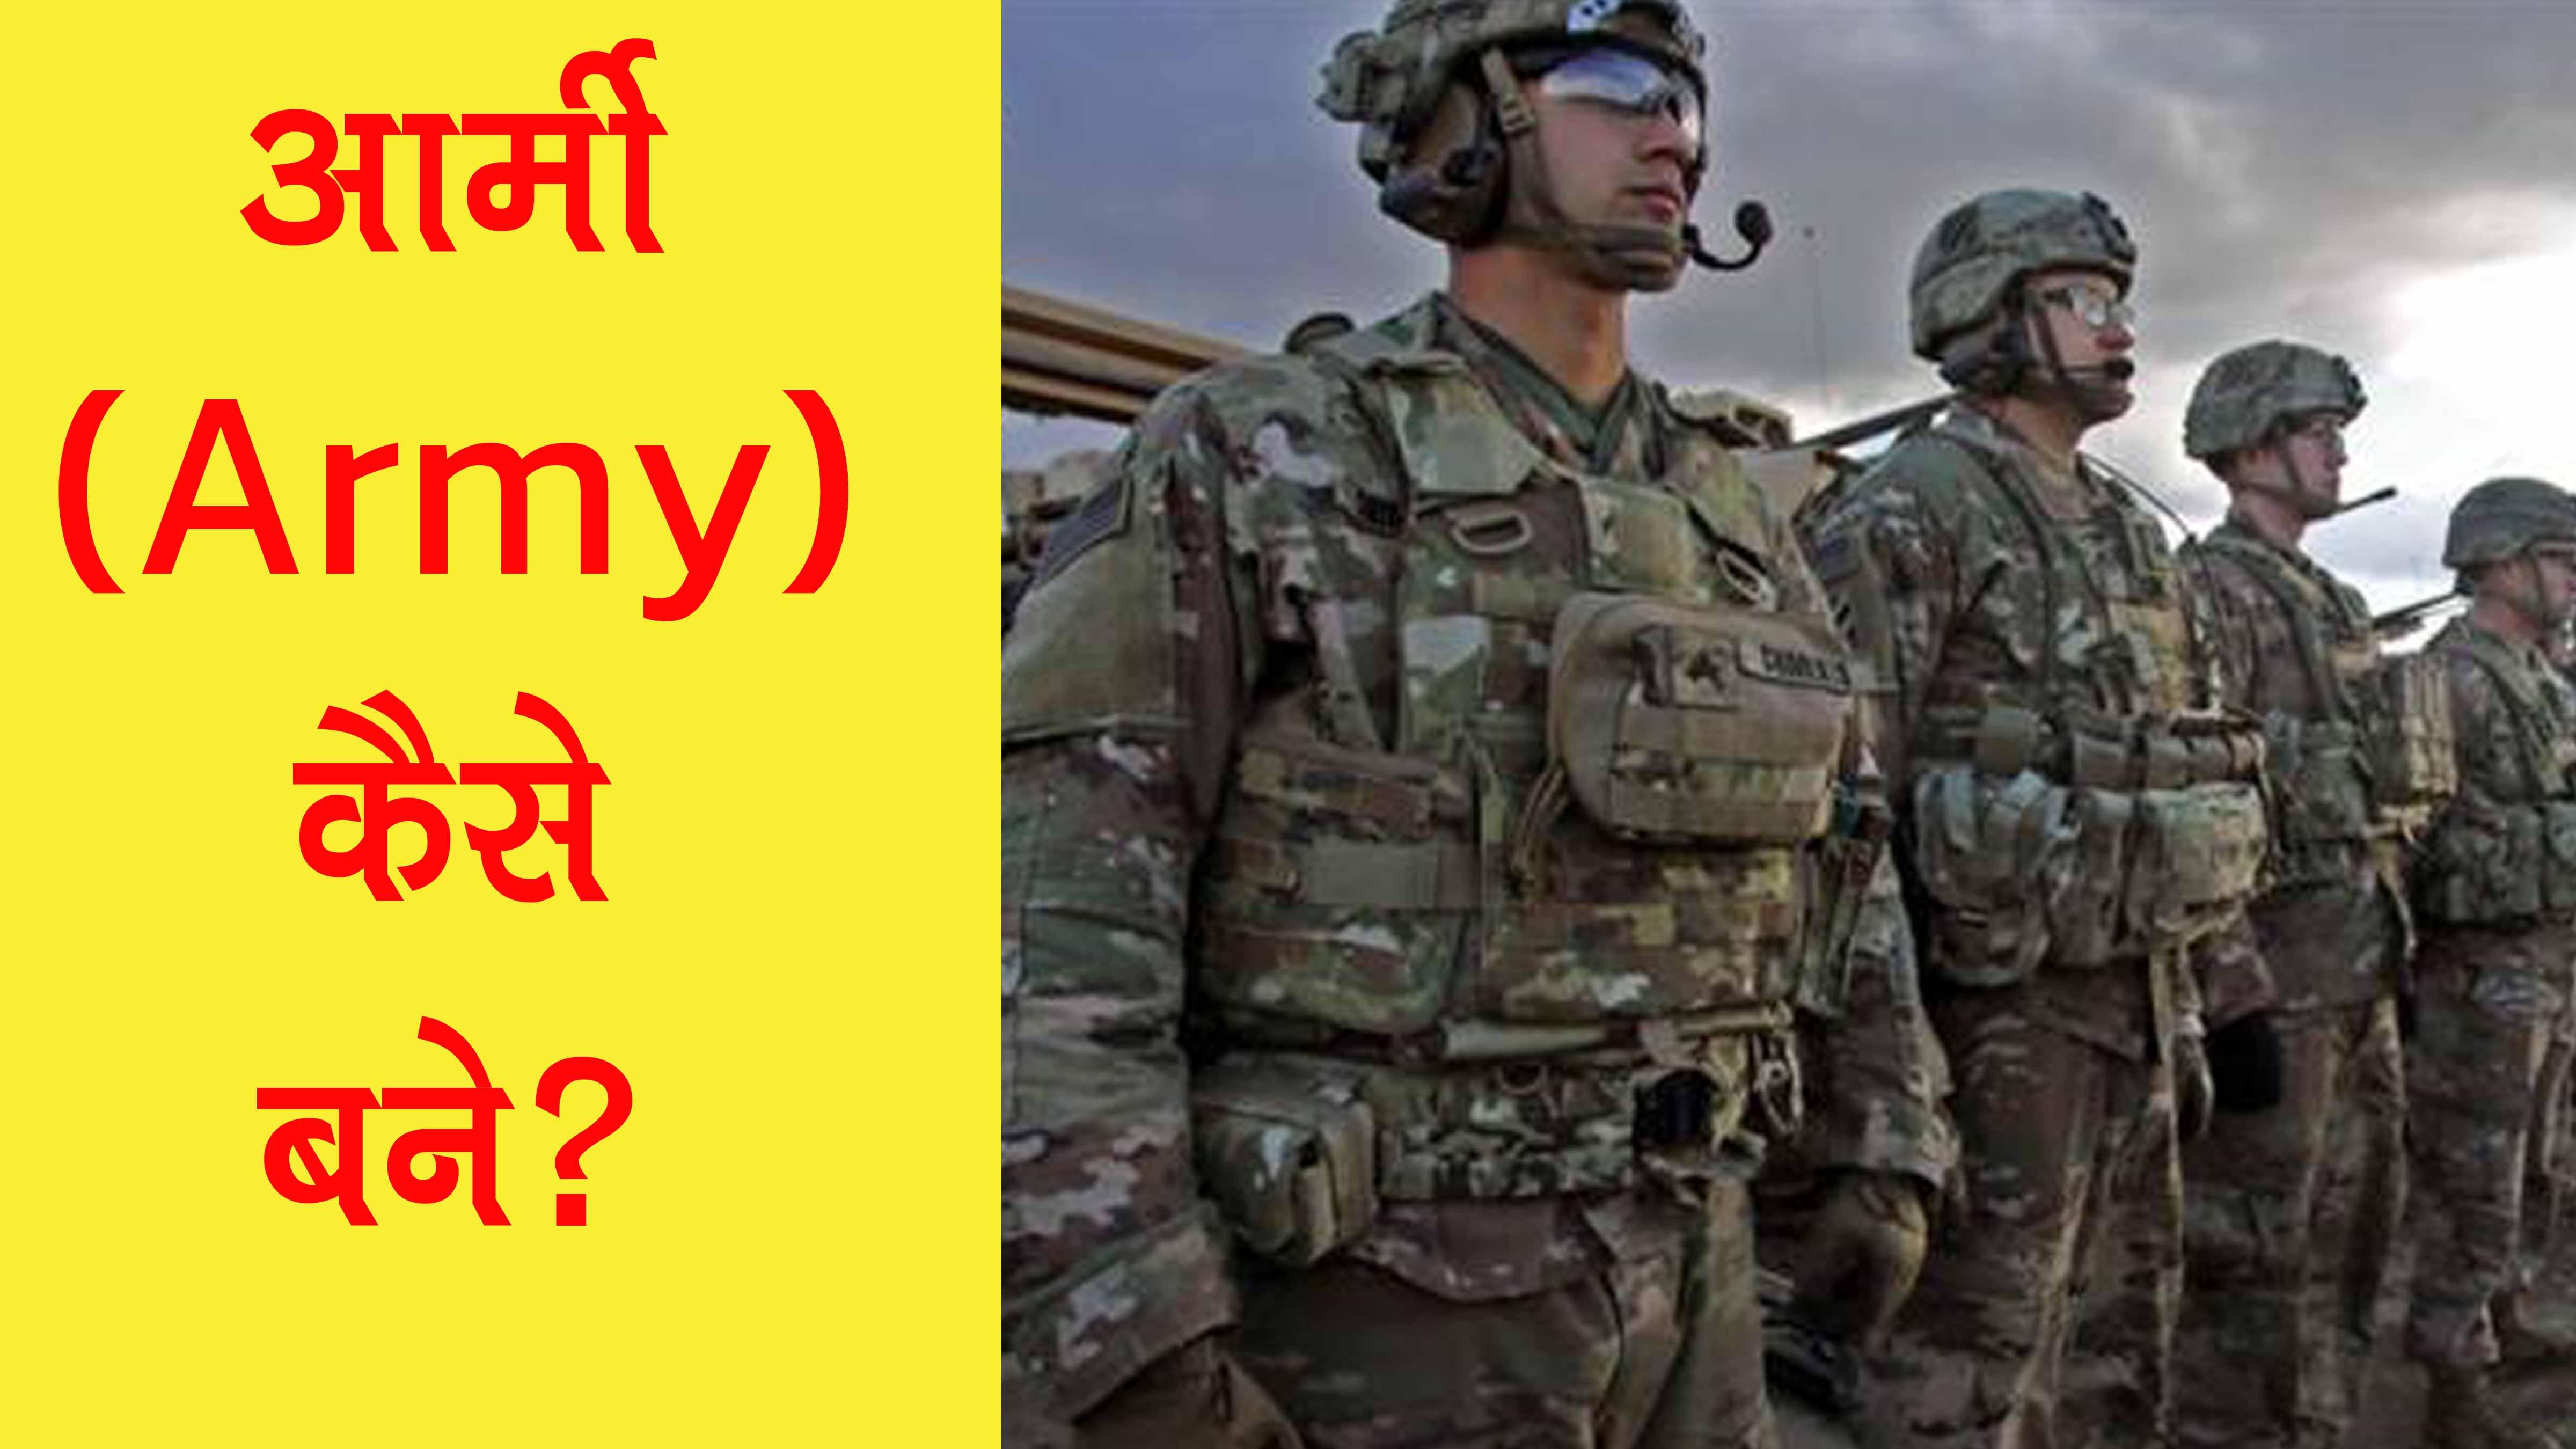 Army ki Taiyari Kaise Kare